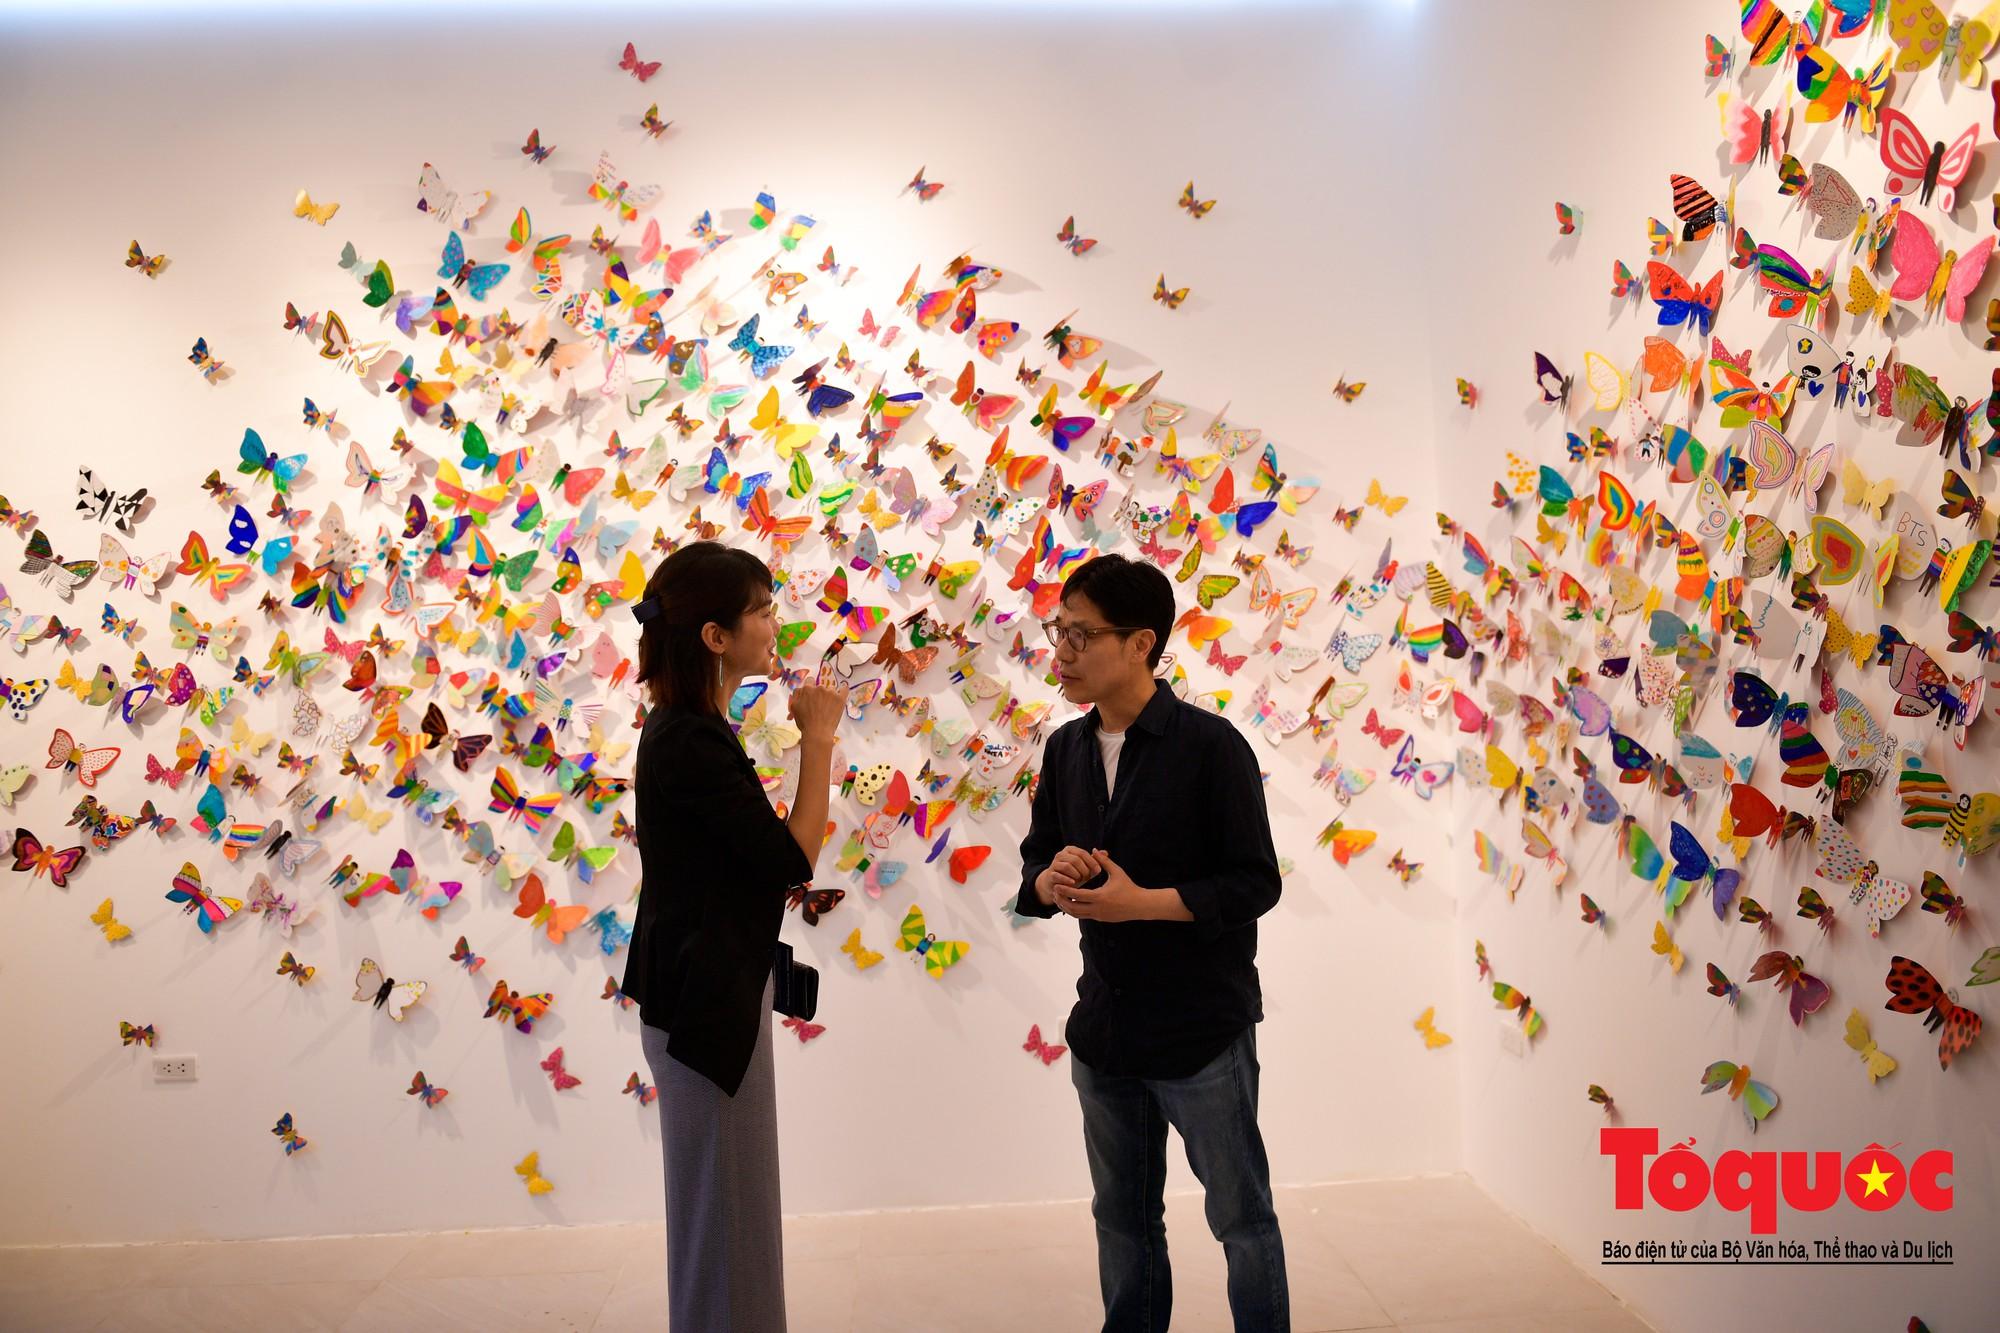 Hàng ngàn cánh bướm mang thông điệp hoà bình giữa lòng Hà Nội18